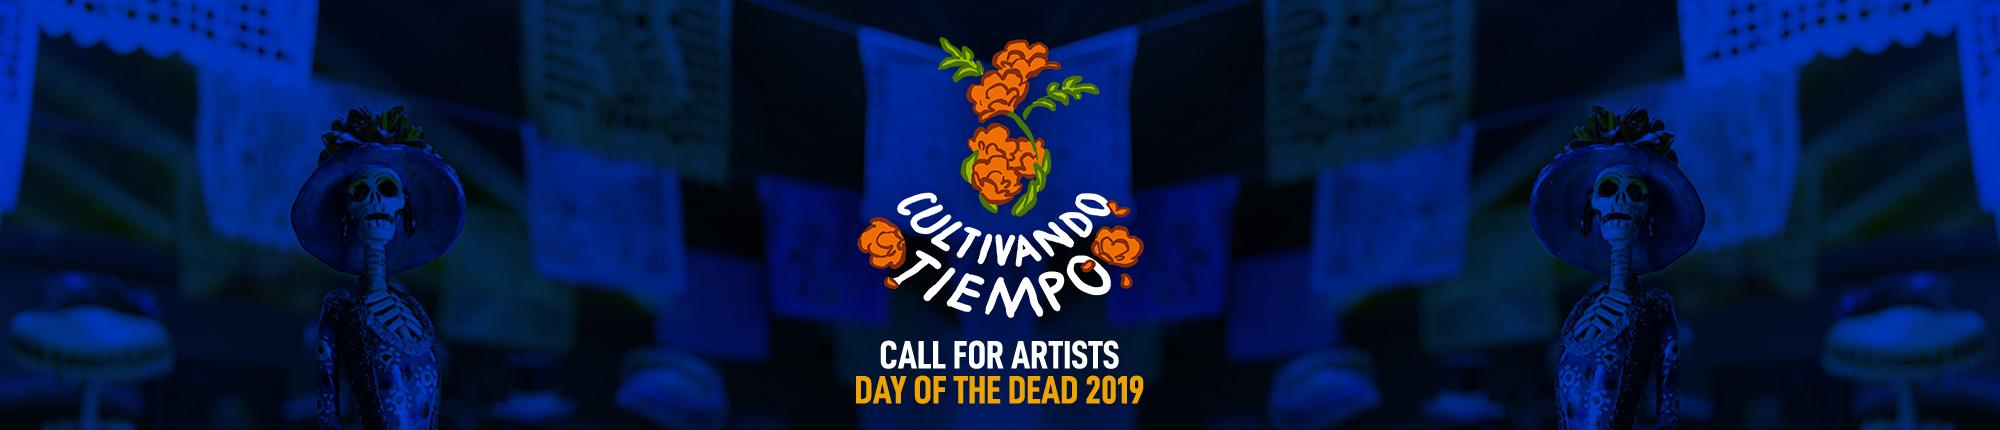 Cultivando Tiempo Call for Artists, Day of the Dead 2019